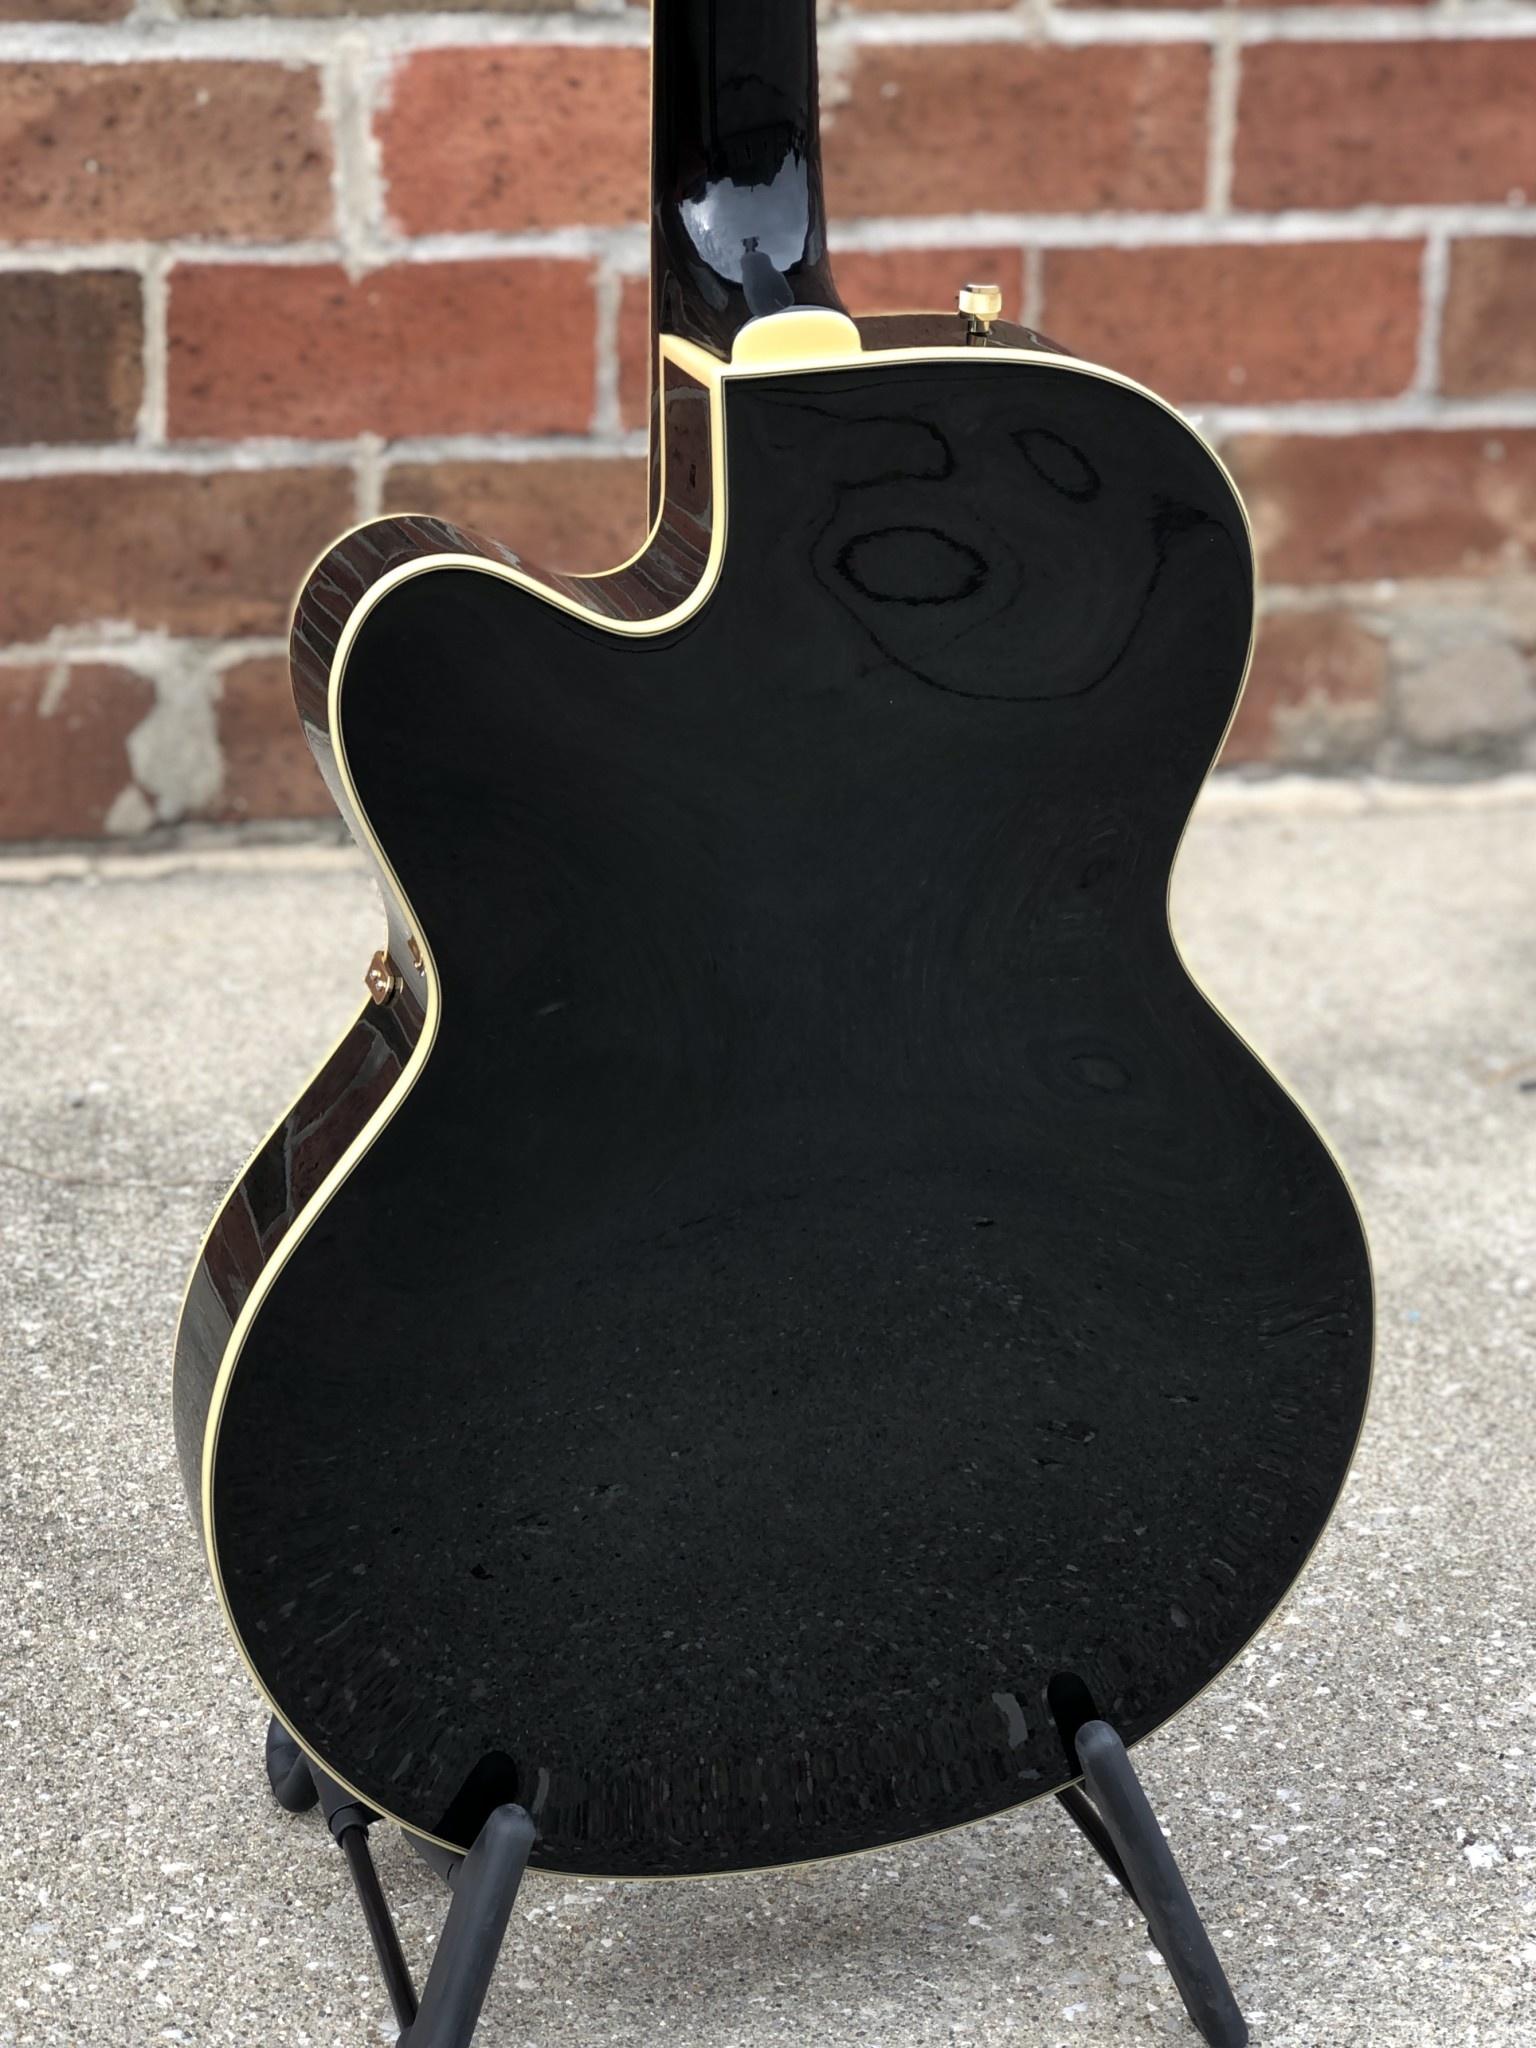 Gretsch Electromatic Hollow Body Single-Cut w/ Bigsby - black-8